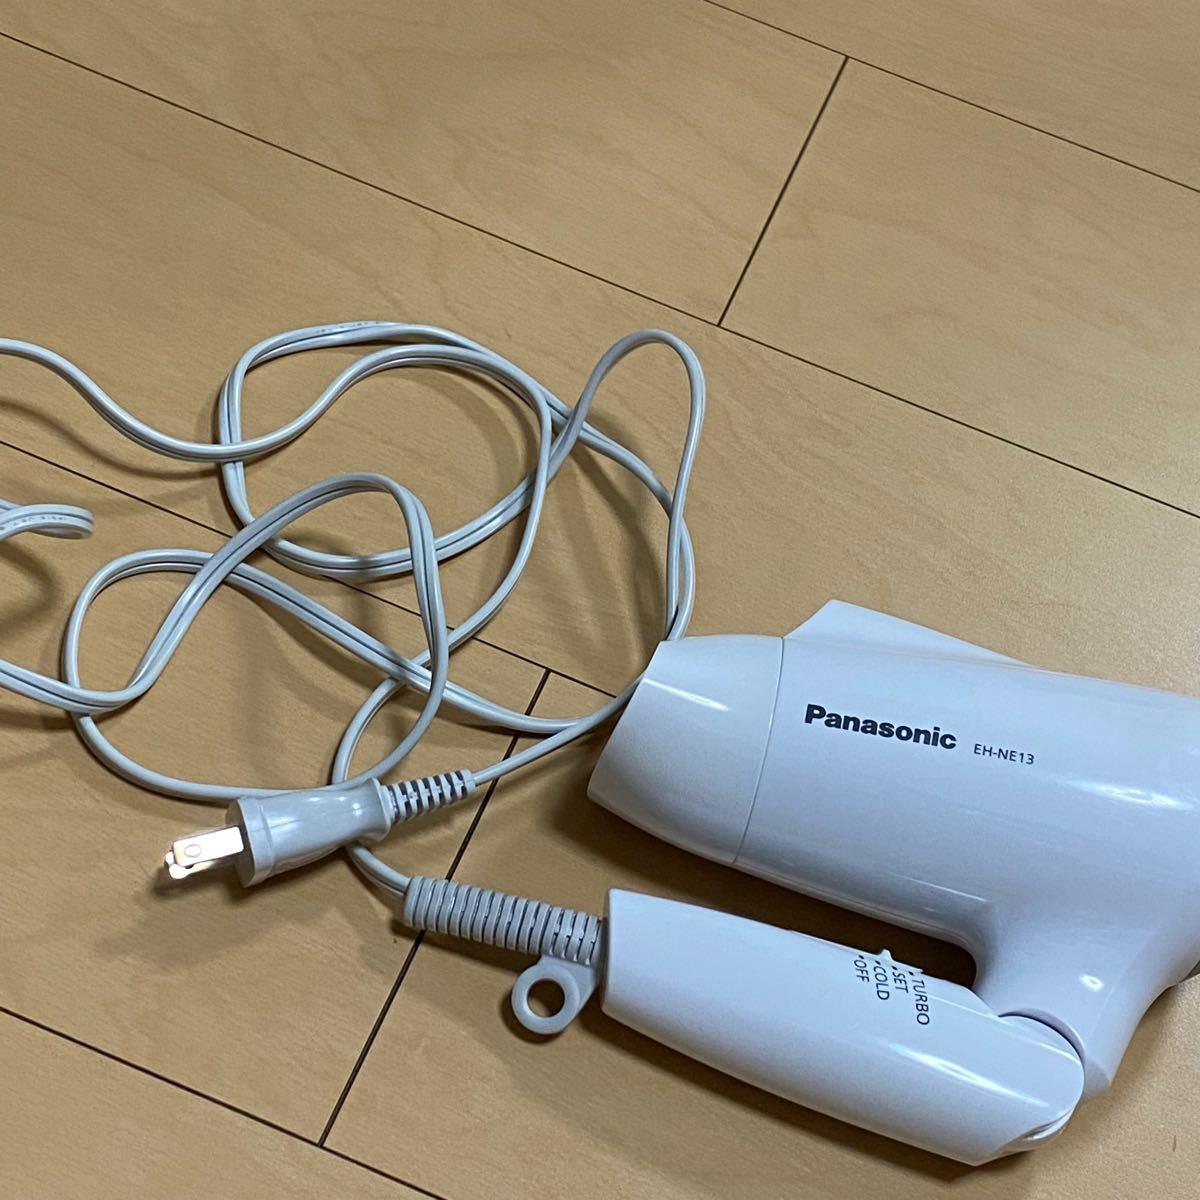 Panasonic パナソニック ヘアドライヤー ホワイト